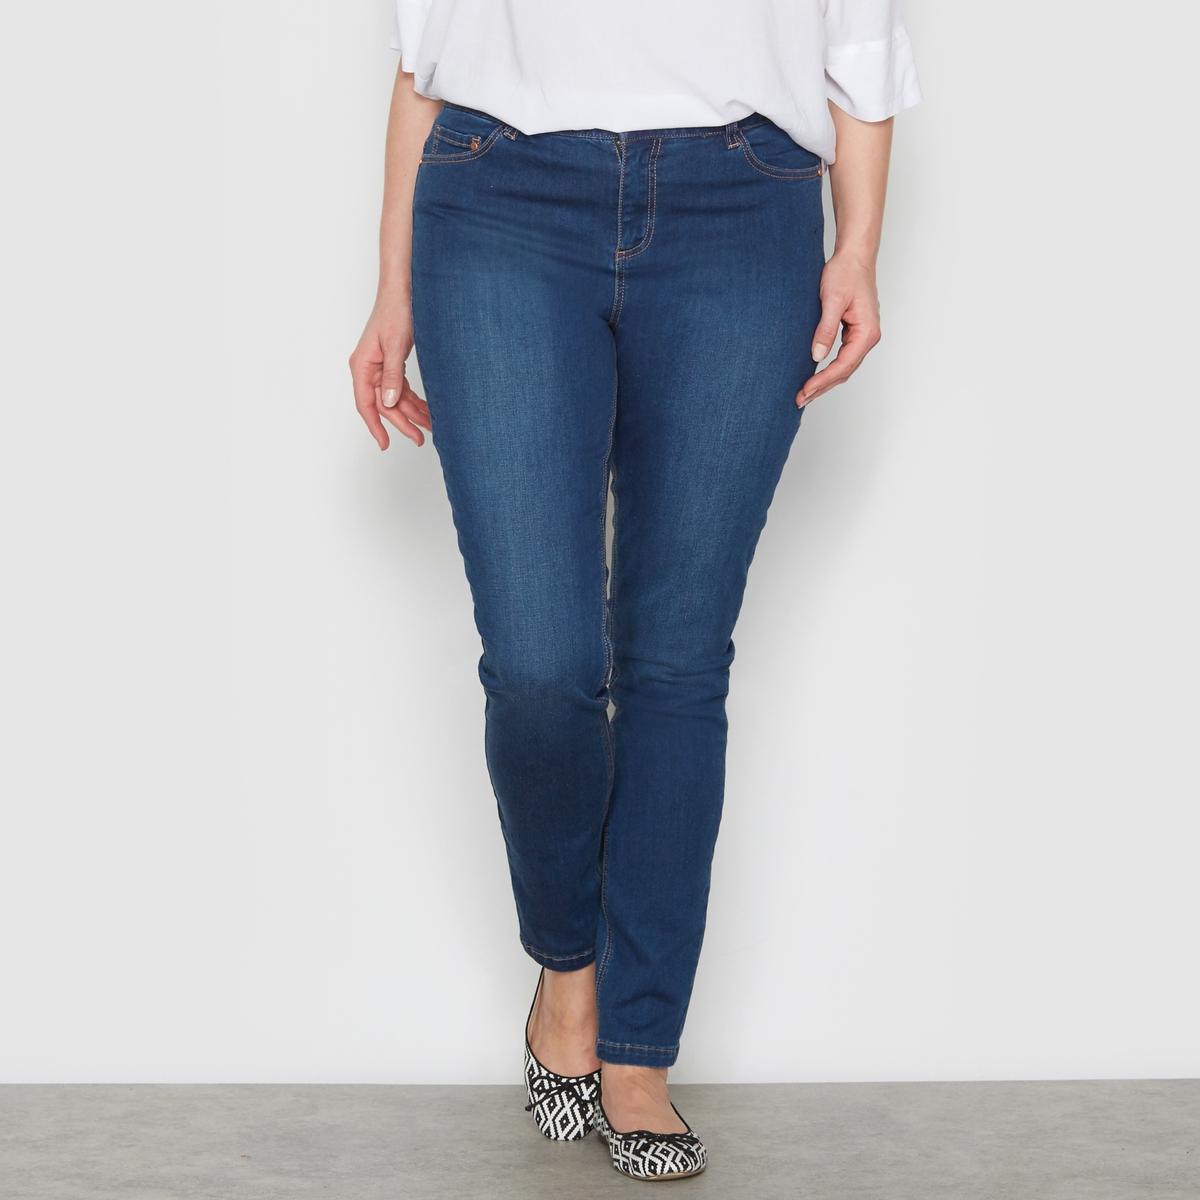 Джинсы облегающего покроя стретч,  длина по внутр.шву ок. 78 смПодчеркивается талия, бедра, ягодицы зрительно округляются: джинсы облегающего покроя отлично сидят и чрезвычайно удобны! Расклешенный низ. 5 карманов.Рост от 1 м 65 см: длина по внутр.шву ок. 78 см, ширина по низу 15,5 см.<br><br>Цвет: голубой потертый,синий потертый,темно-синий,черный<br>Размер: 44 (FR) - 50 (RUS).52 (FR) - 58 (RUS).54 (FR) - 60 (RUS).56 (FR) - 62 (RUS).58 (FR) - 64 (RUS).54 (FR) - 60 (RUS).50 (FR) - 56 (RUS)